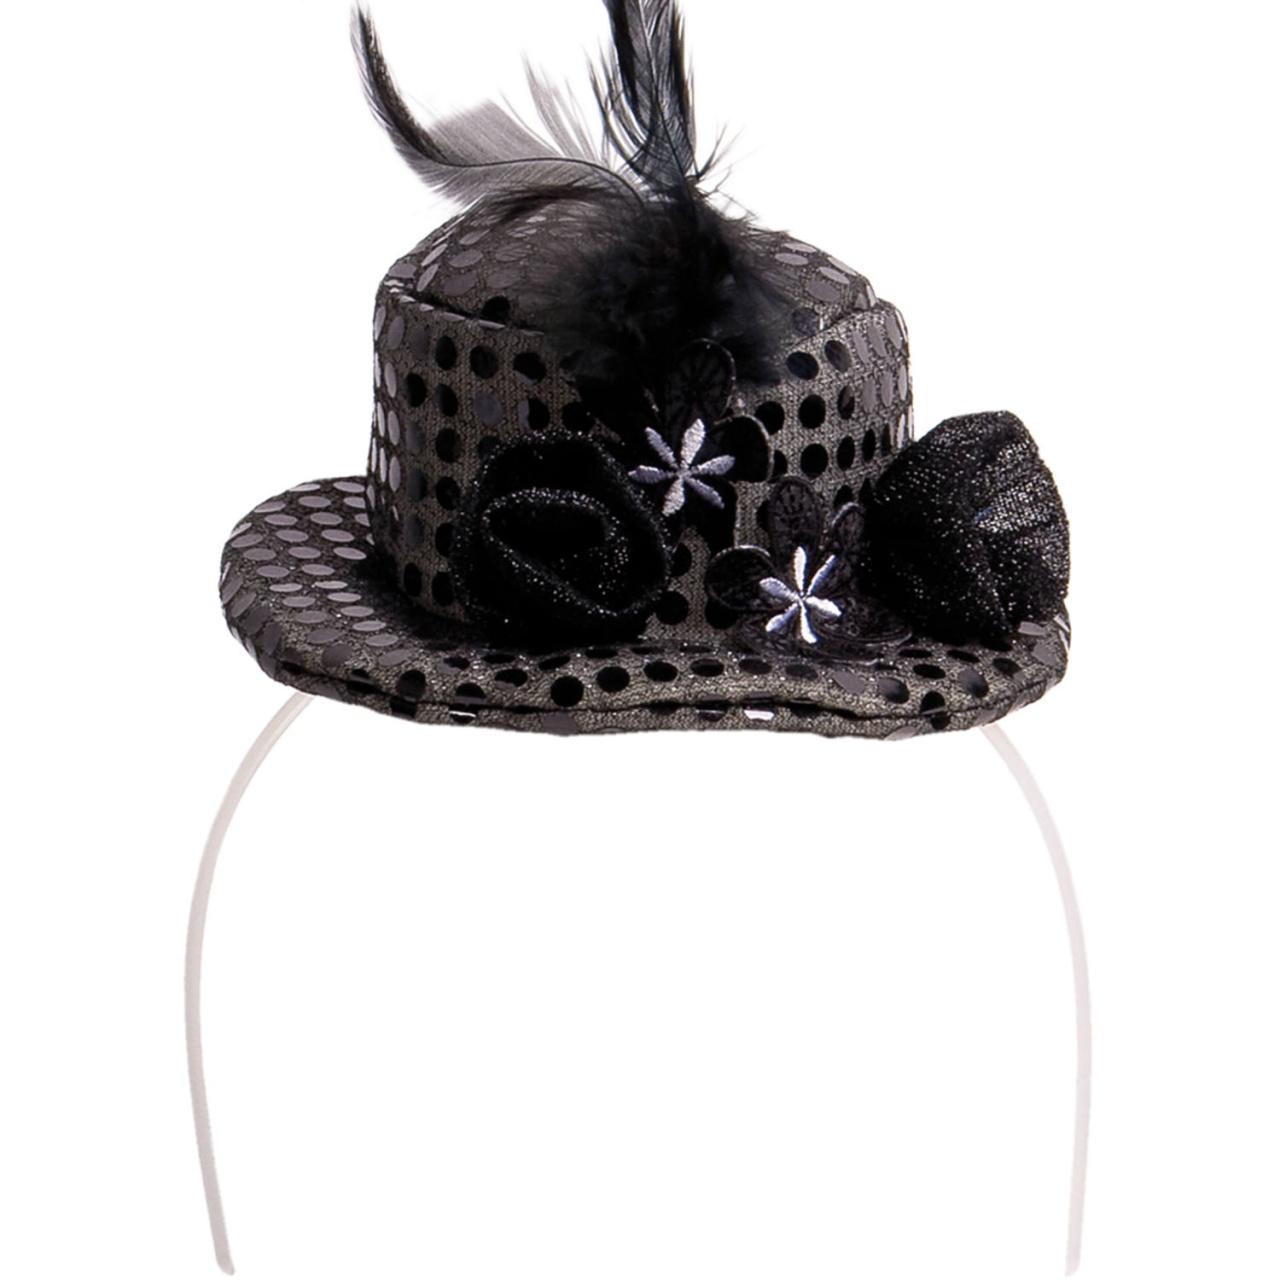 Haarreif mit schwarzem Hut, Blume und Feder